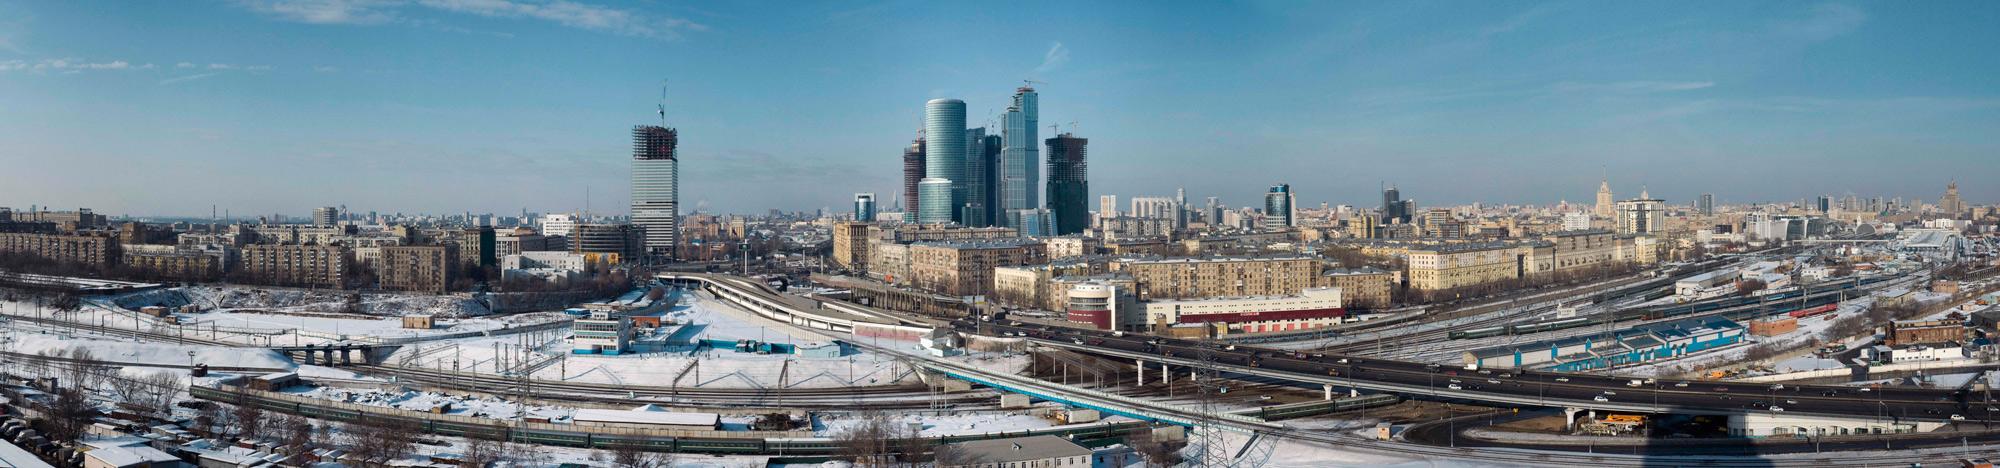 http://www.ljplus.ru/img4/m/i/miraxmedia/city_march1.jpg